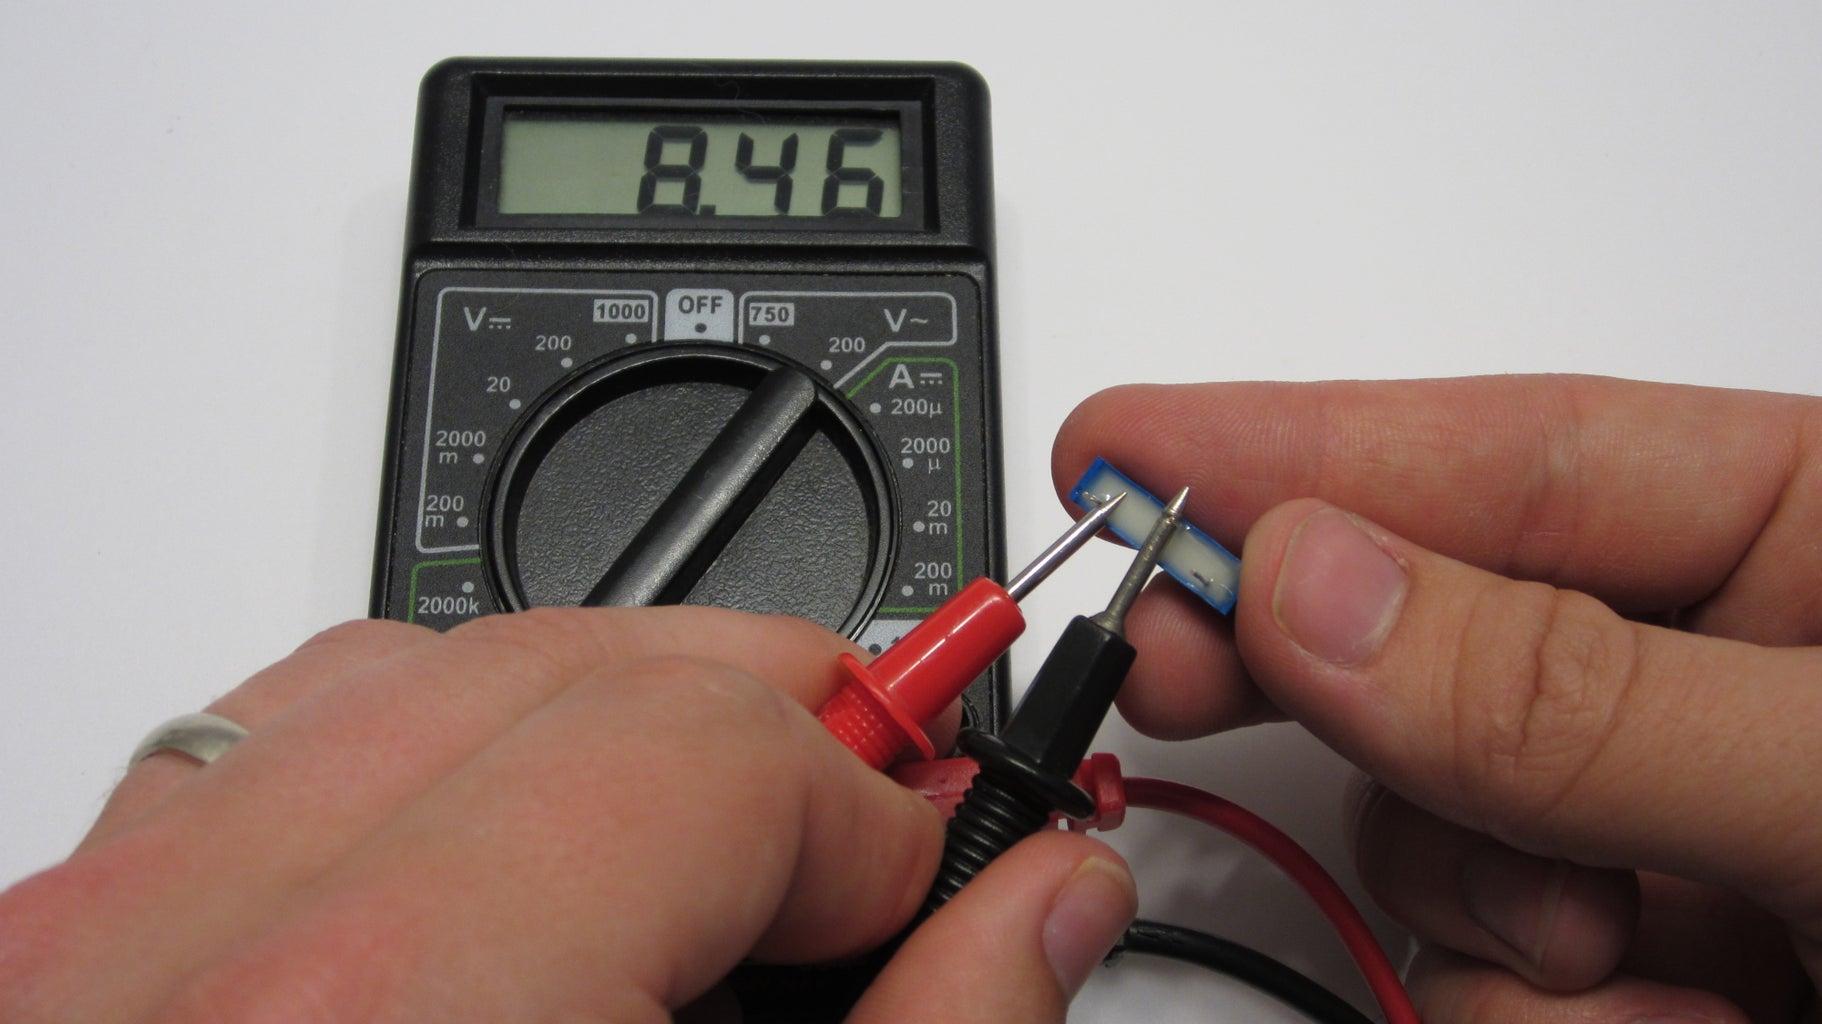 Preset the Potentiometers